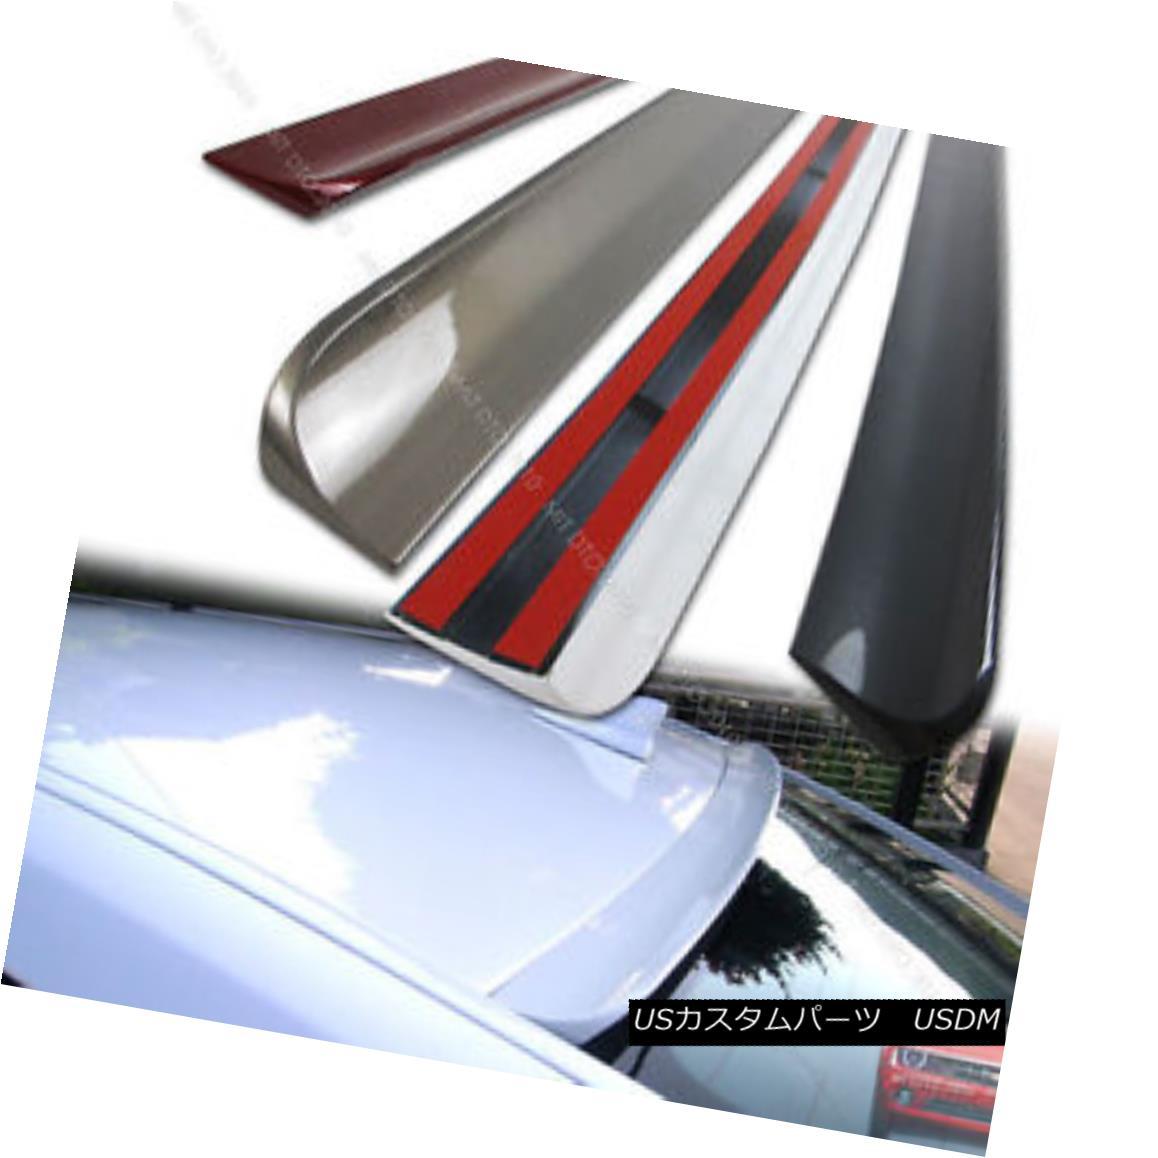 エアロパーツ Painted Roof Lip Spoiler Wing for NS Maxima A34 4Dr Sedan 2004 2008 US model § NS Maxima A34 4Dr Sedan 2004 2008 USモデル 用塗装ルーフリップスポイラーウイング